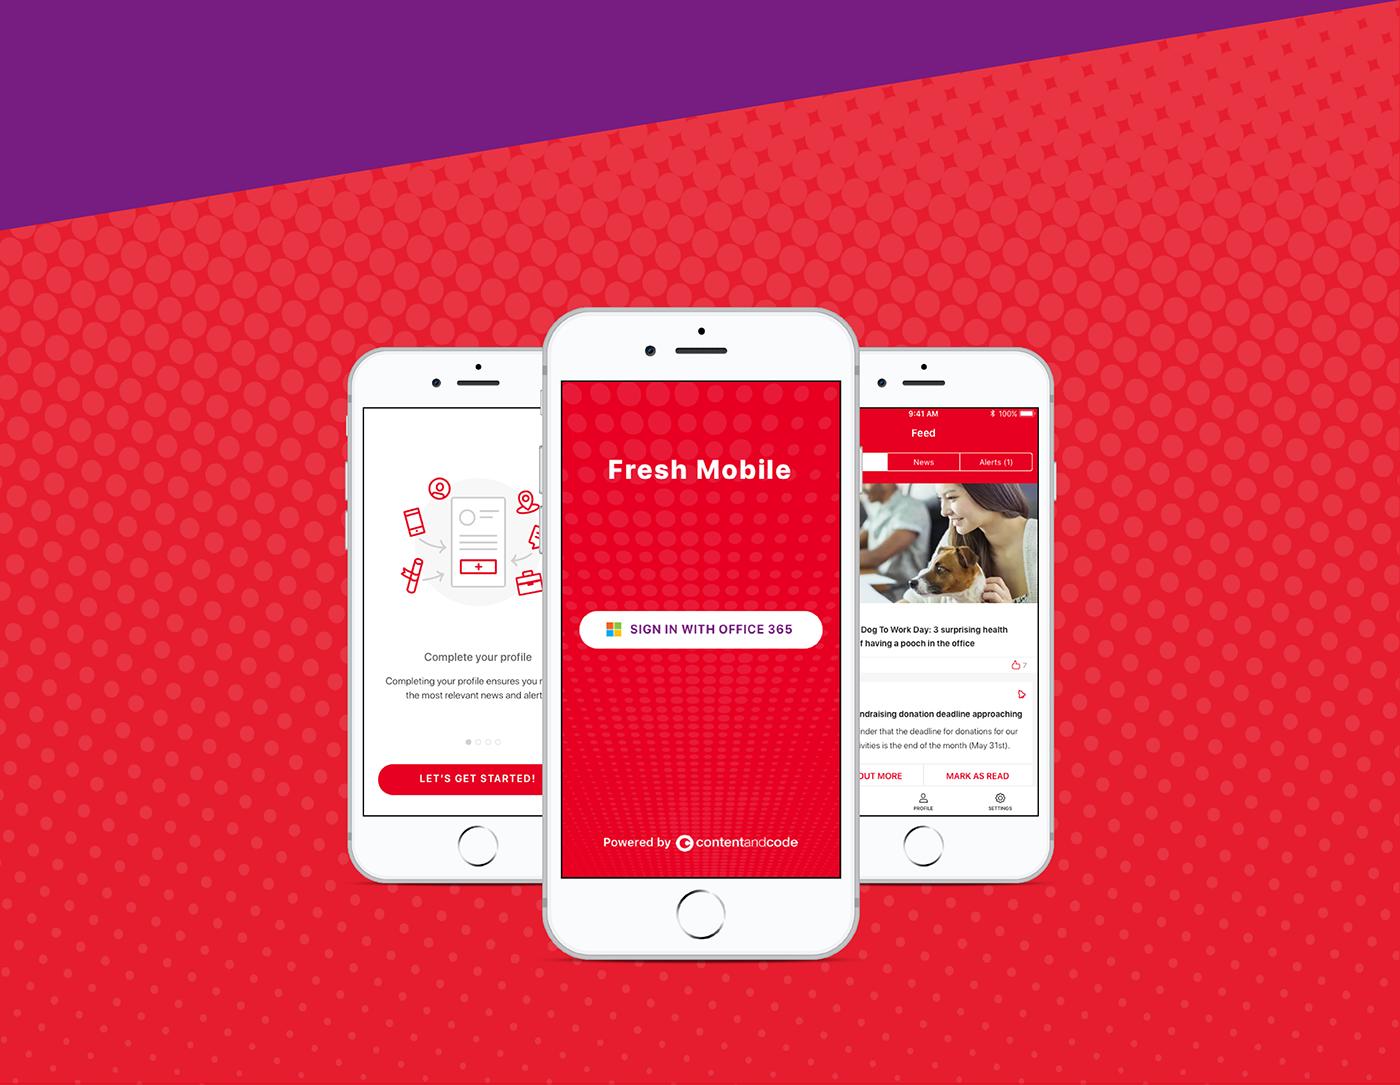 product design  Mobile app iOS App visual design icon design  iOS design mvp